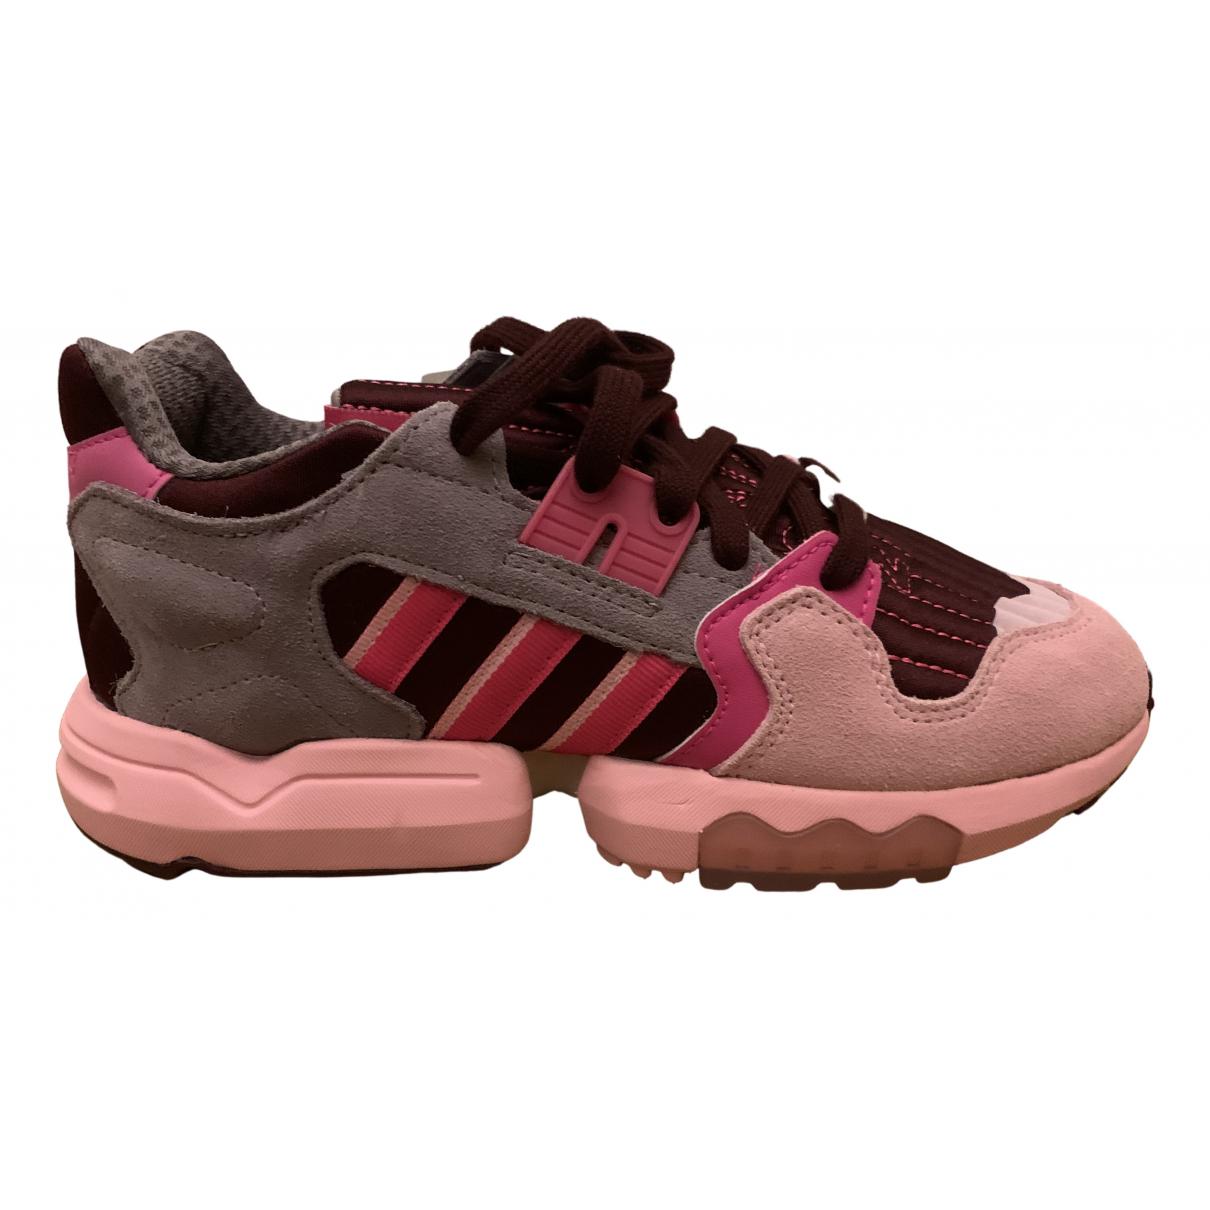 Adidas - Baskets ZX pour femme en caoutchouc - rose